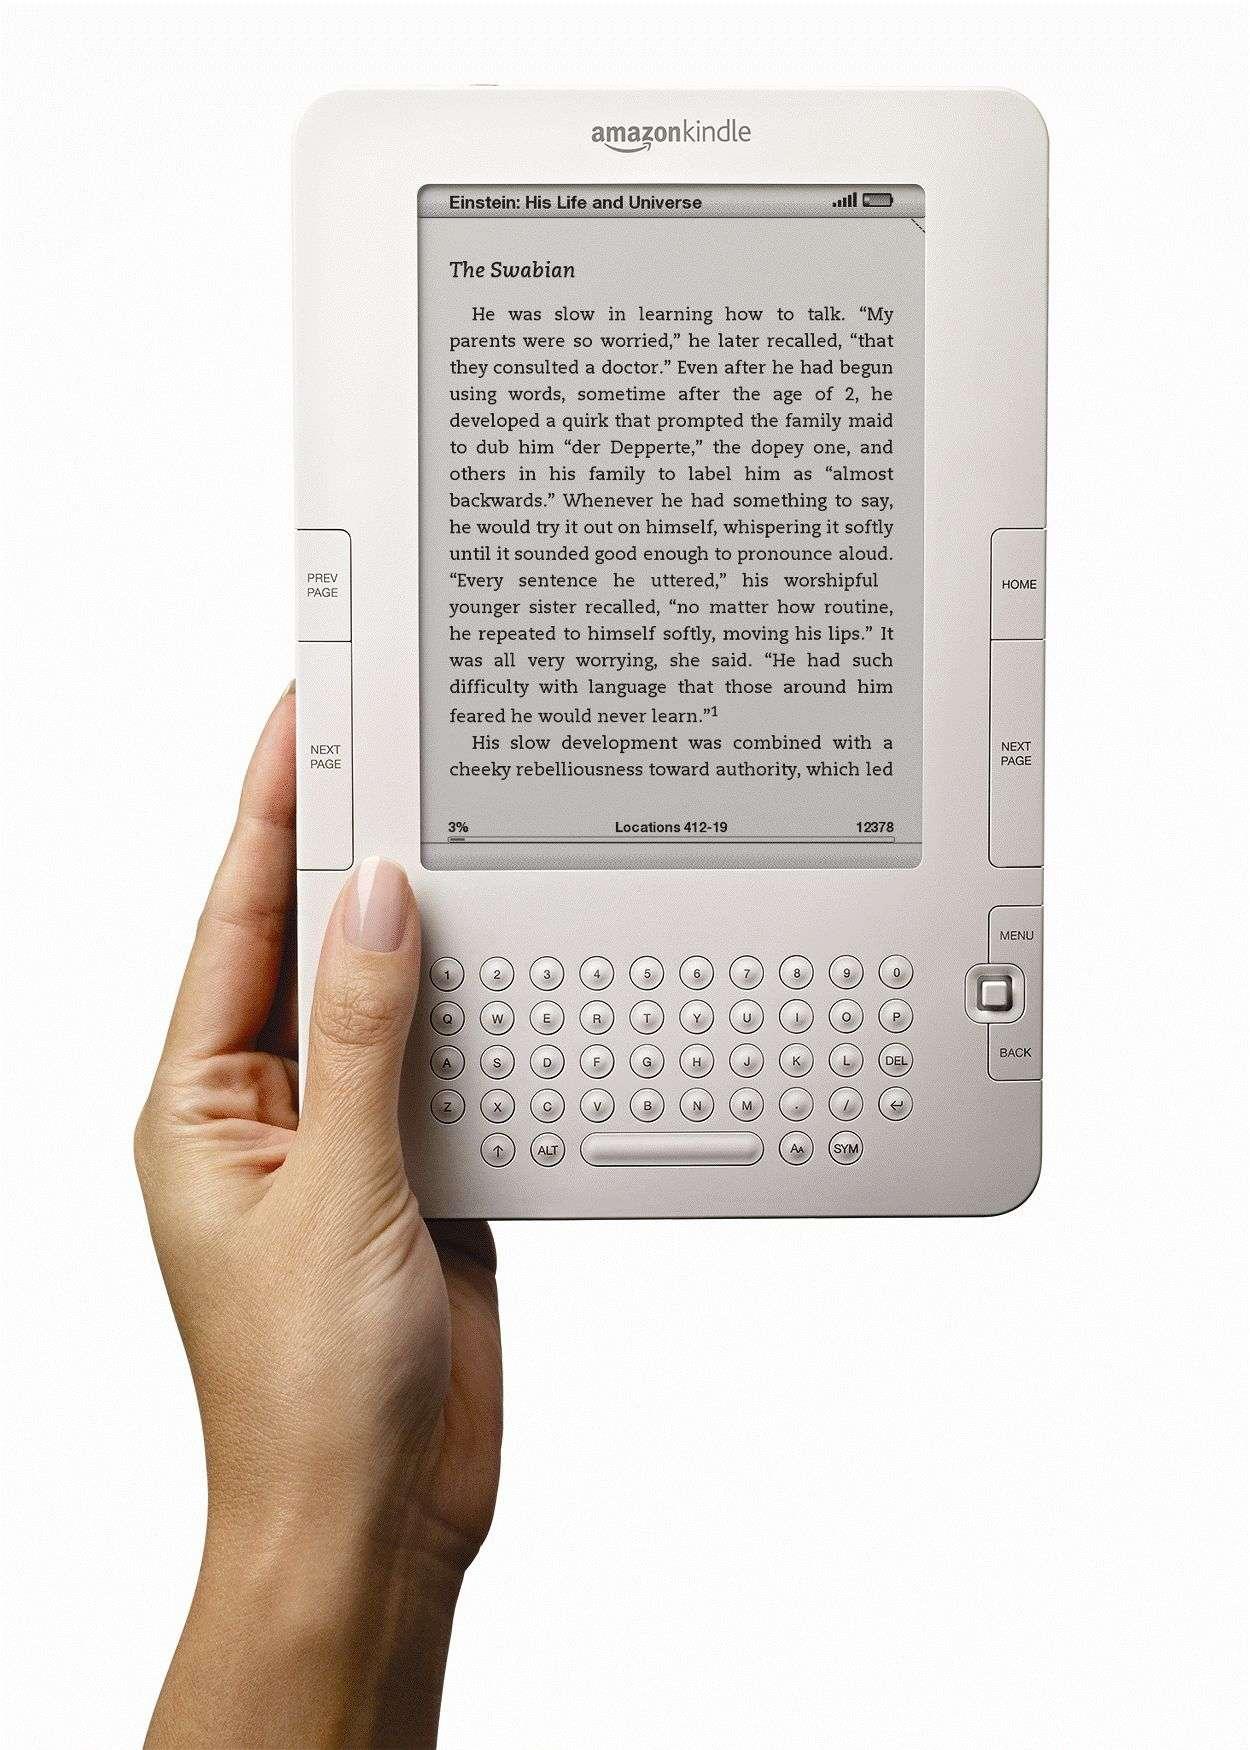 Des Livres En Francais Pour Le Kindle L E Book D Amazon